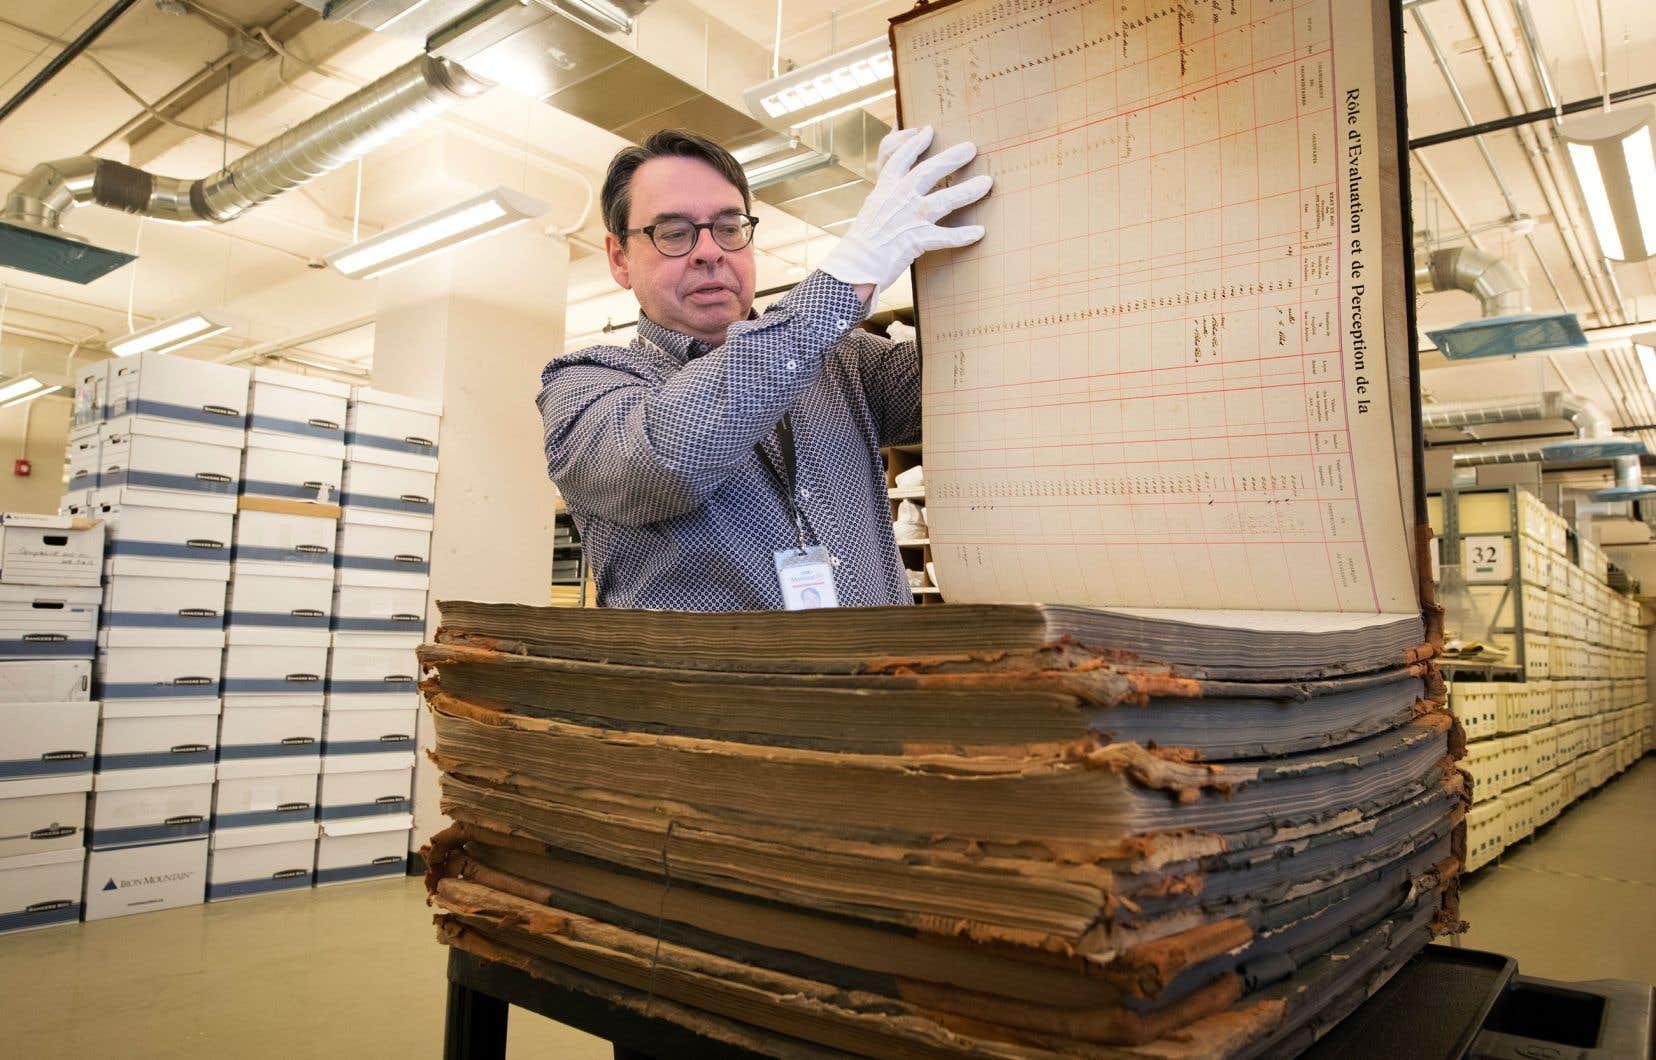 Au milieu des rangées de boîtes de documents qui montent jusqu'au plafond, Mario Robert, chef de division et responsable des Archives de Montréal, fait découvrir quelques-uns des trésors de la collection.